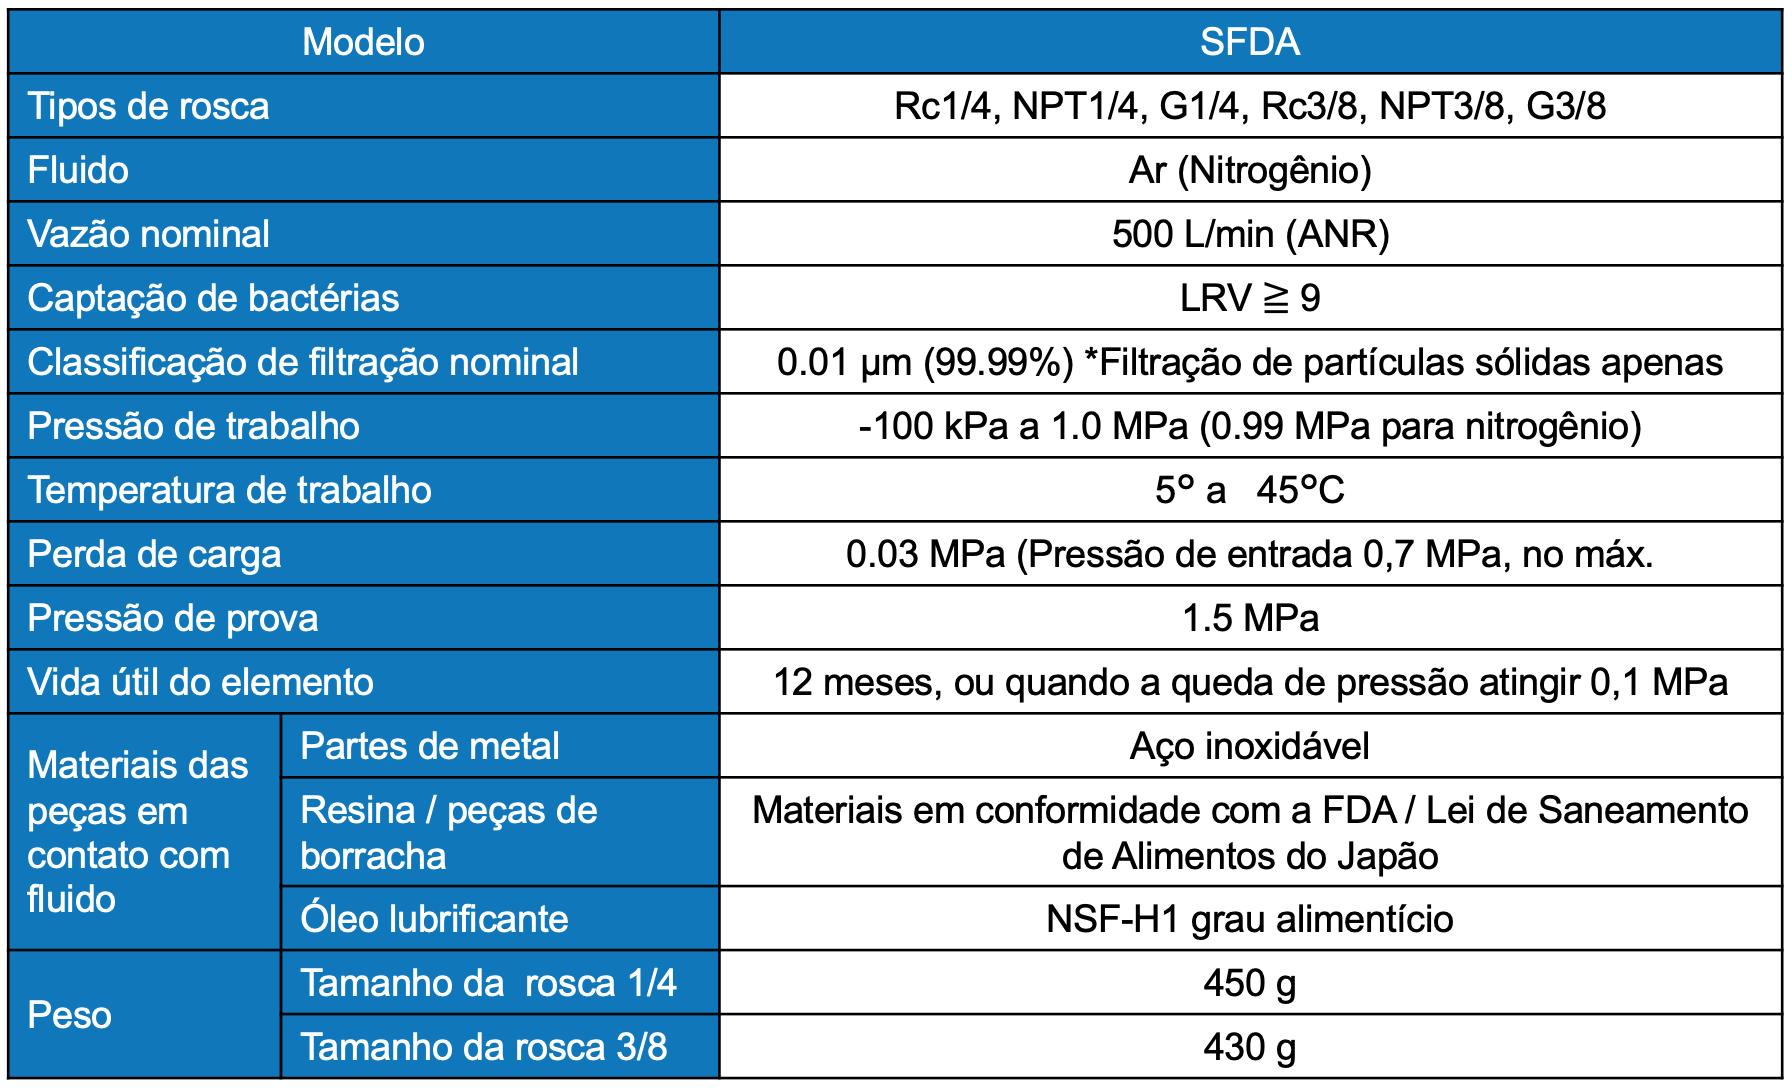 Tabela informações de apoio SFDA   SMC